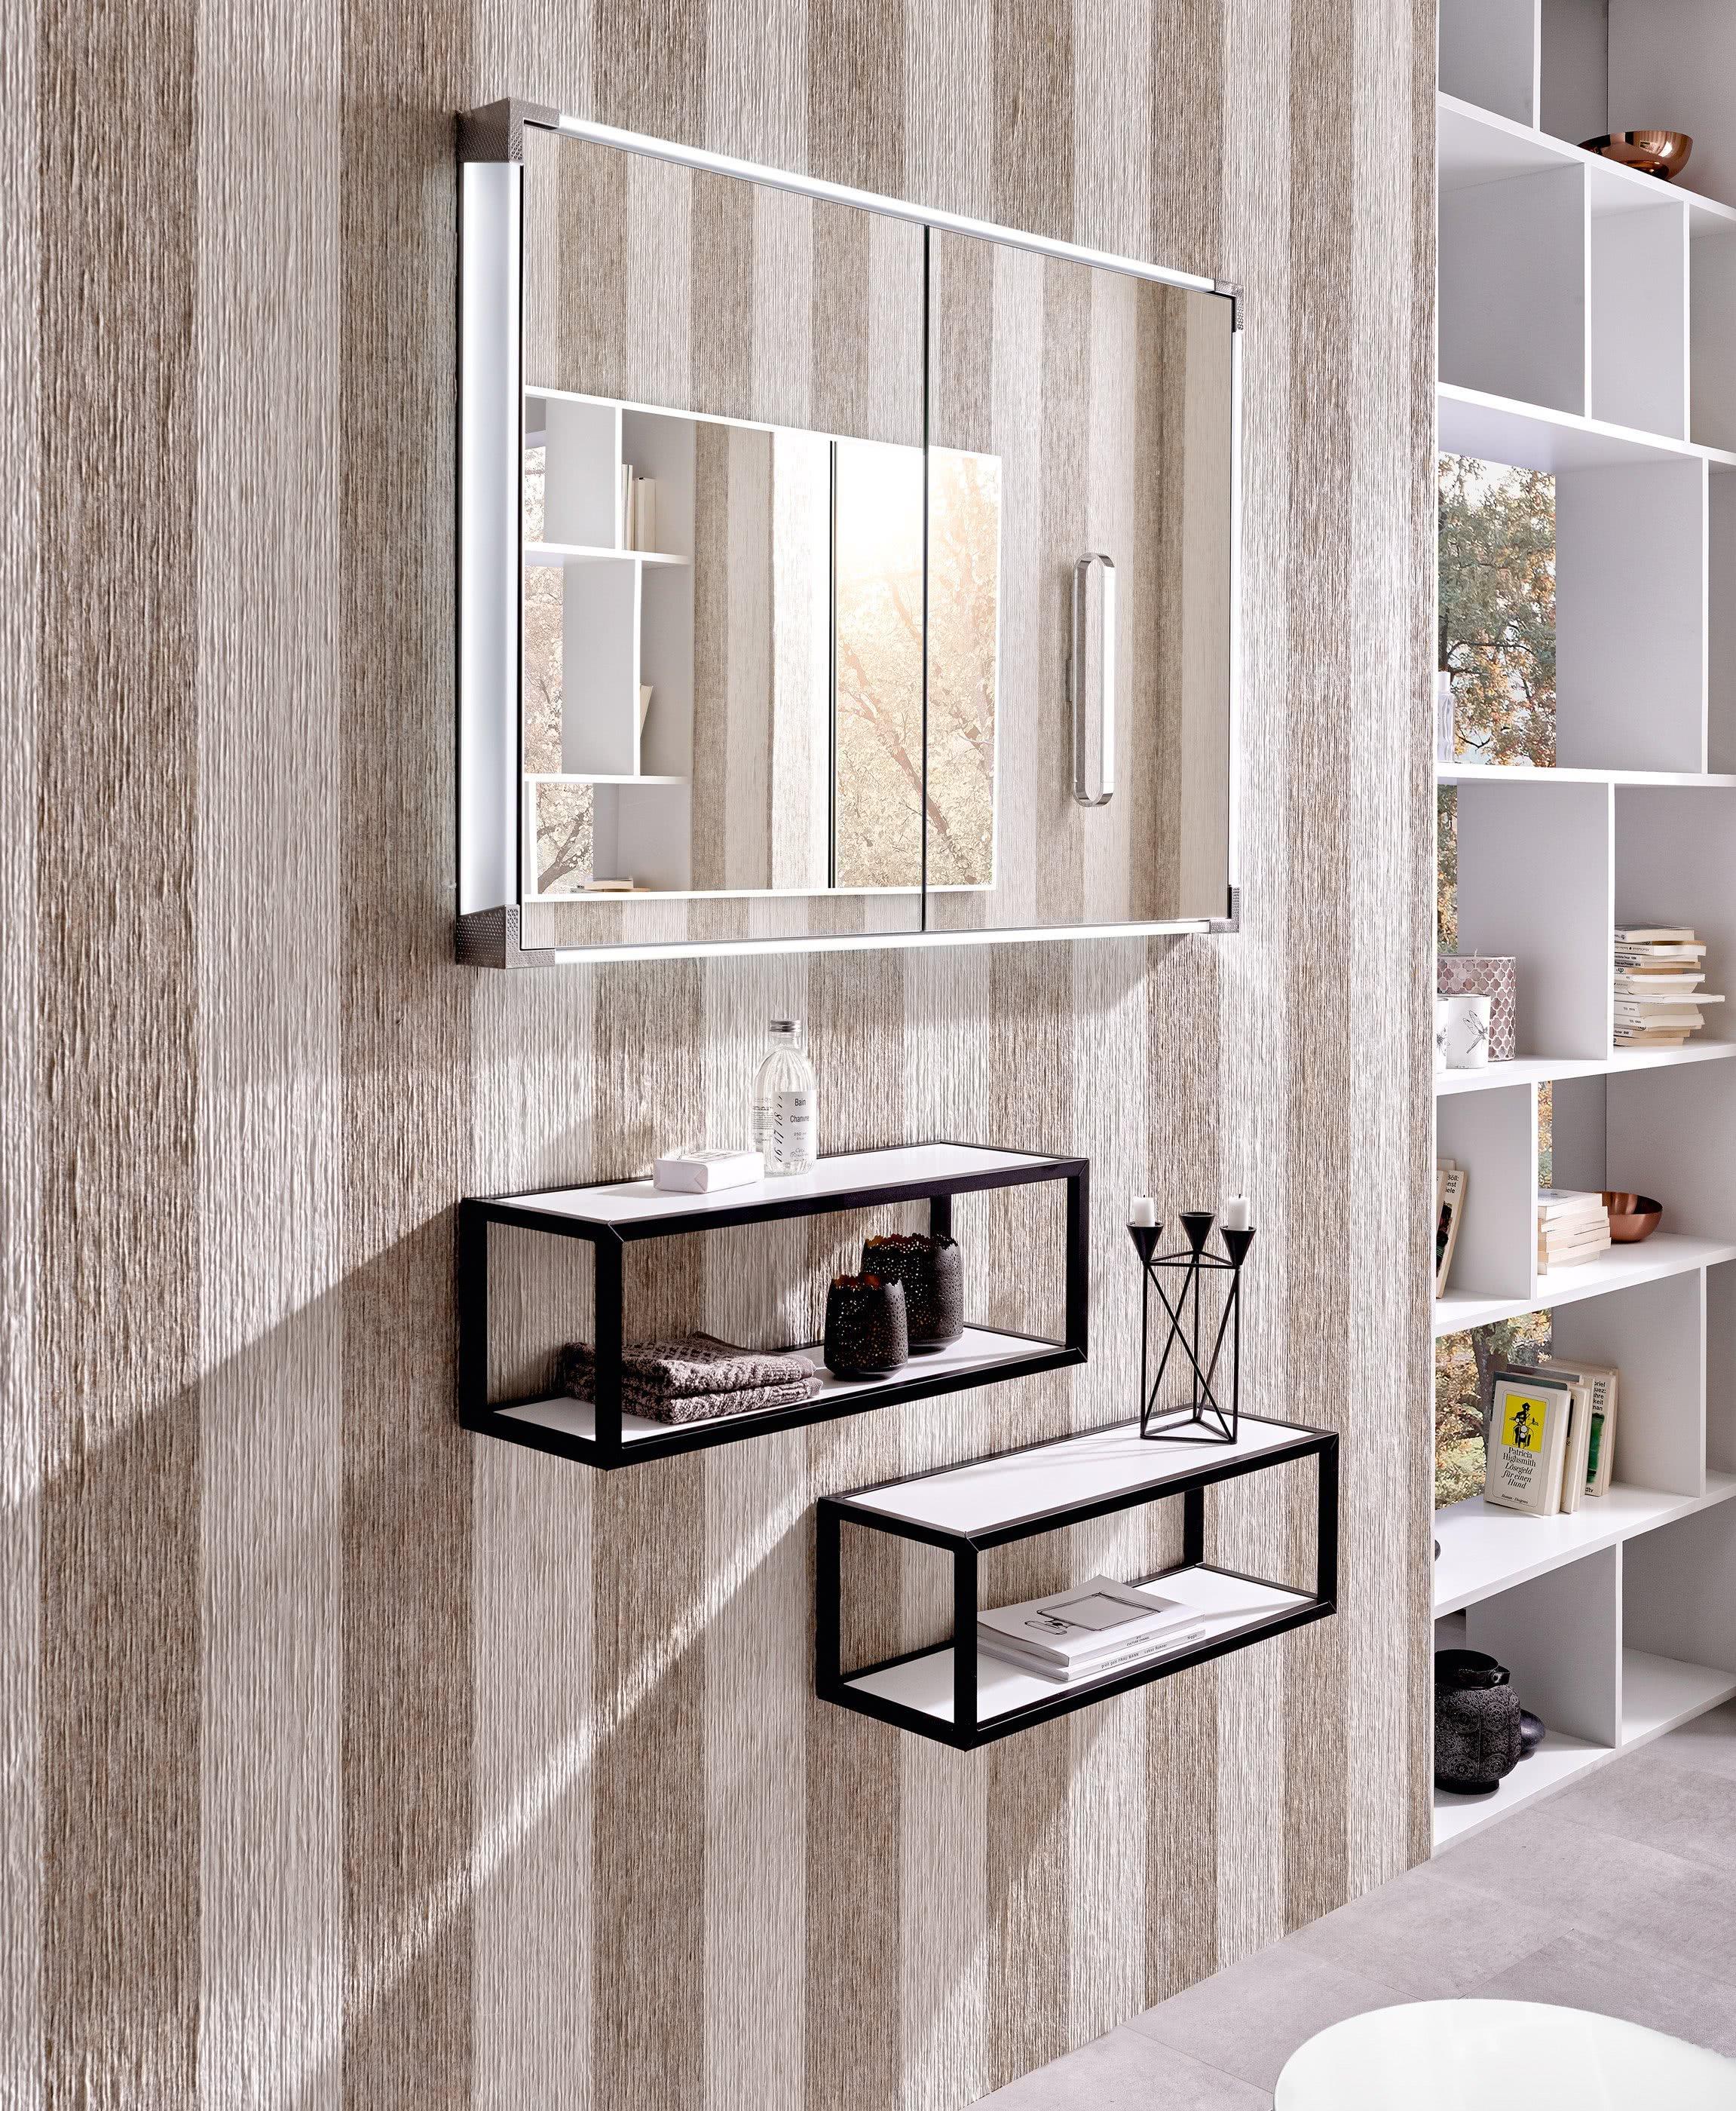 Badezimmer Badewelten Systemlösung Waschturm 05